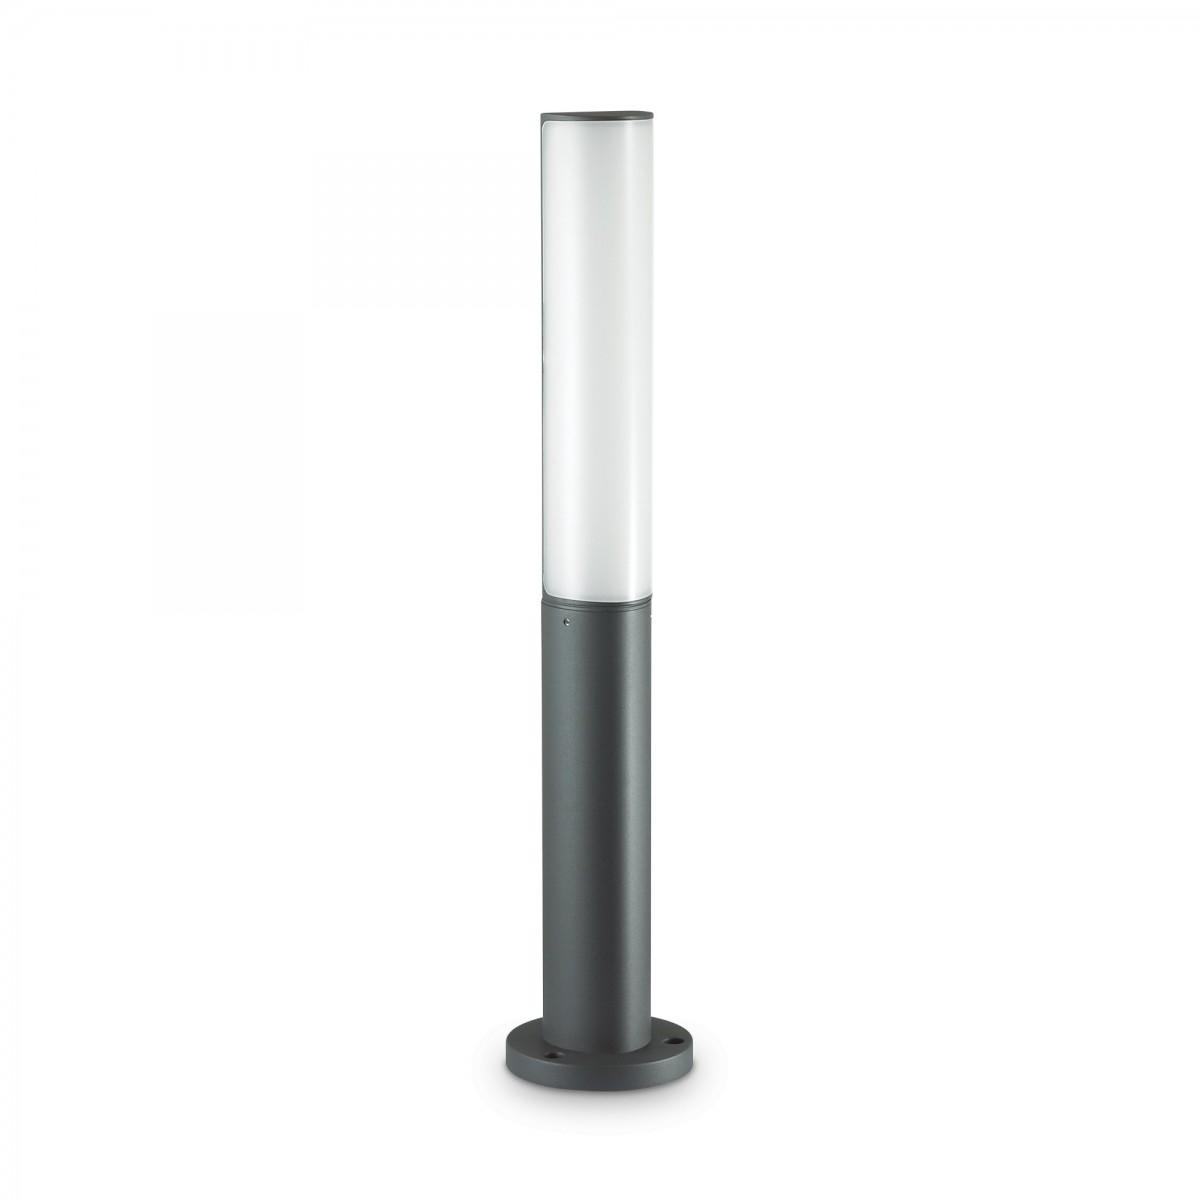 Ideal Lux 246932 LED venkovní sloupková lampa Etere 1x10,5W | 3000K | IP44 - antracit